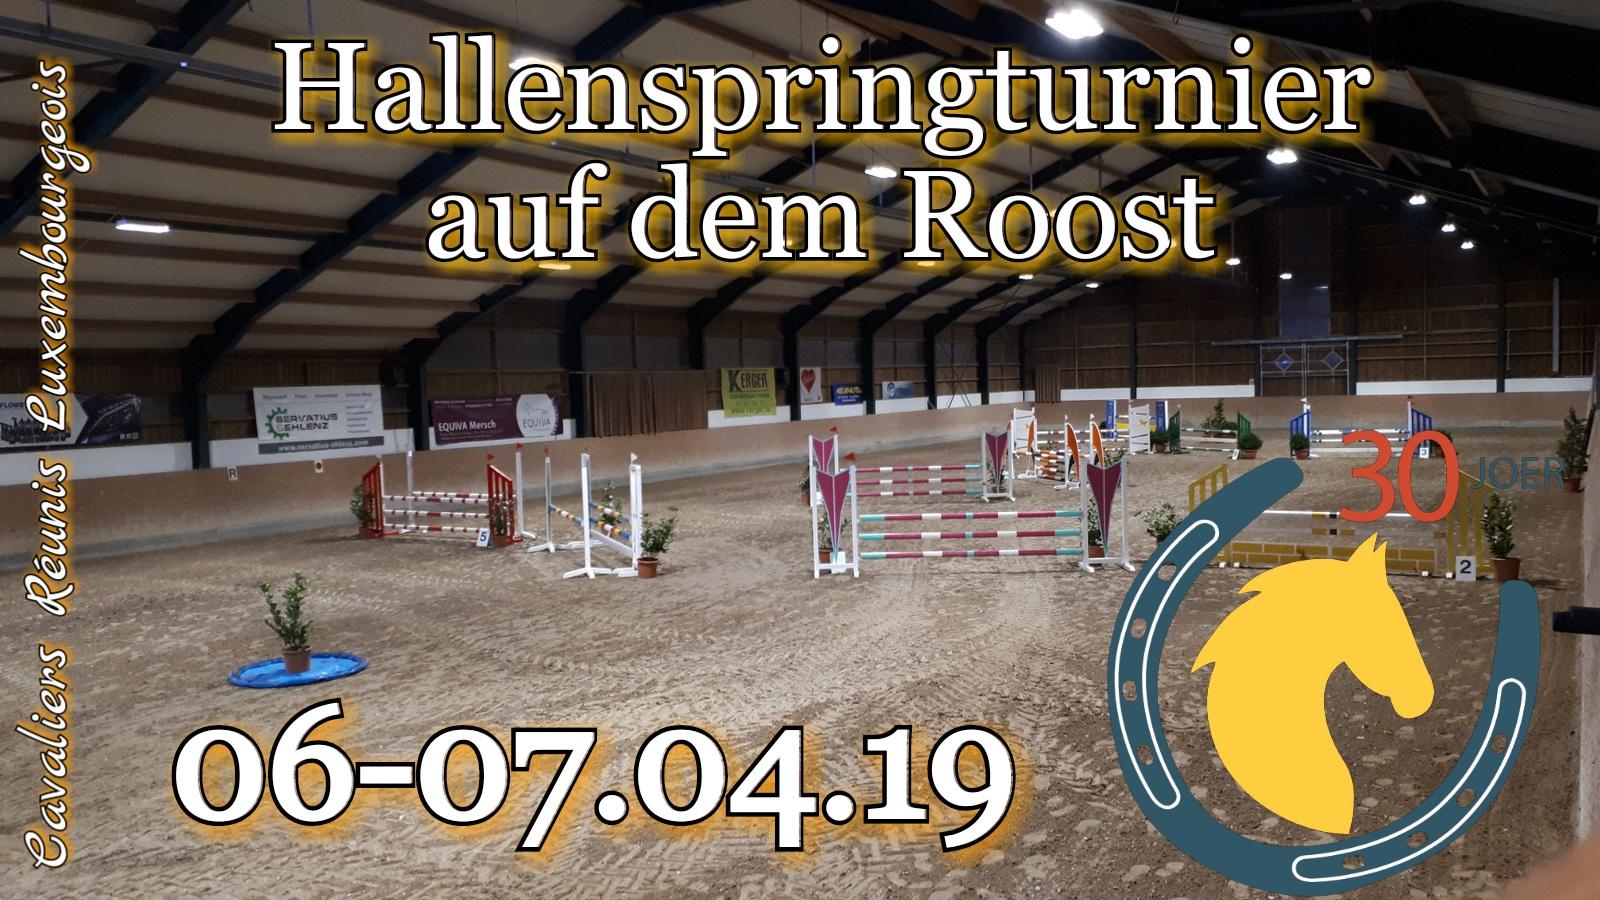 Zeiteinteilung Springturnier Roost 06-07.04.2019